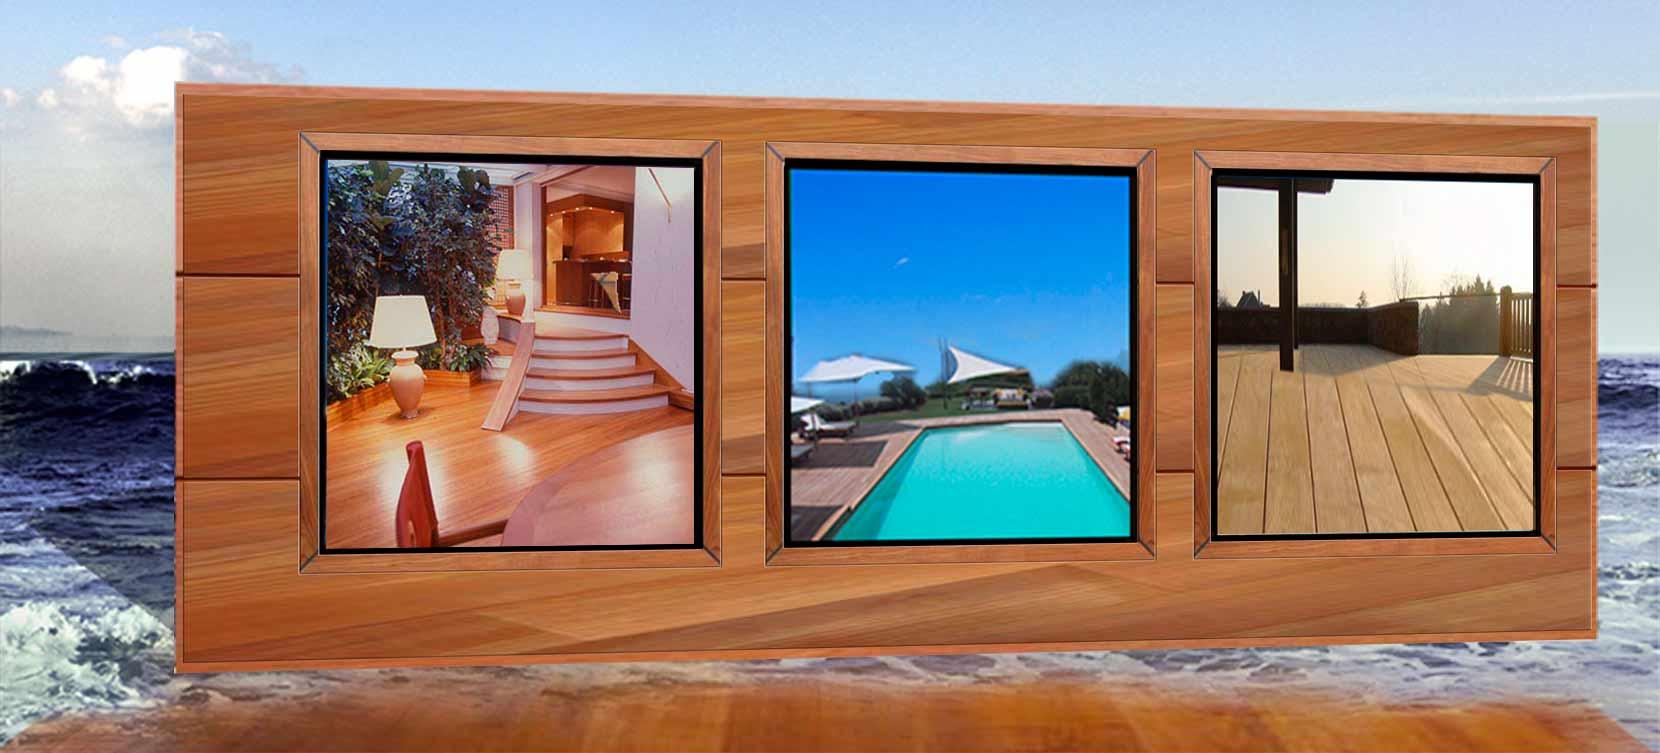 teakholz fachhandel stilvoll anders sein. Black Bedroom Furniture Sets. Home Design Ideas